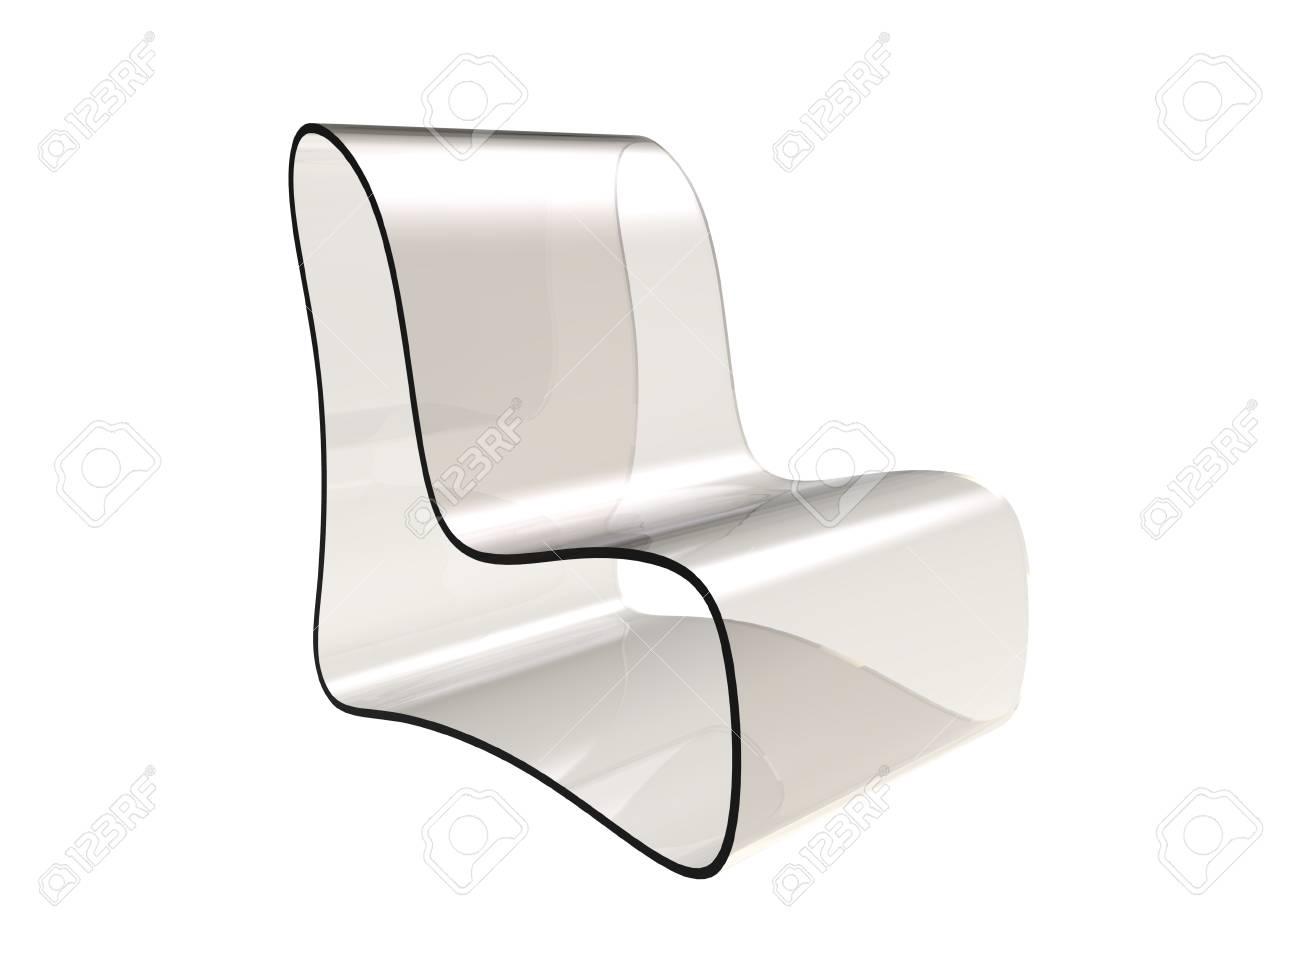 Banque Du0027images   Rendu 3D De La Chaise Moderne En Plastique Transparent  Isolé Sur Fond Blanc